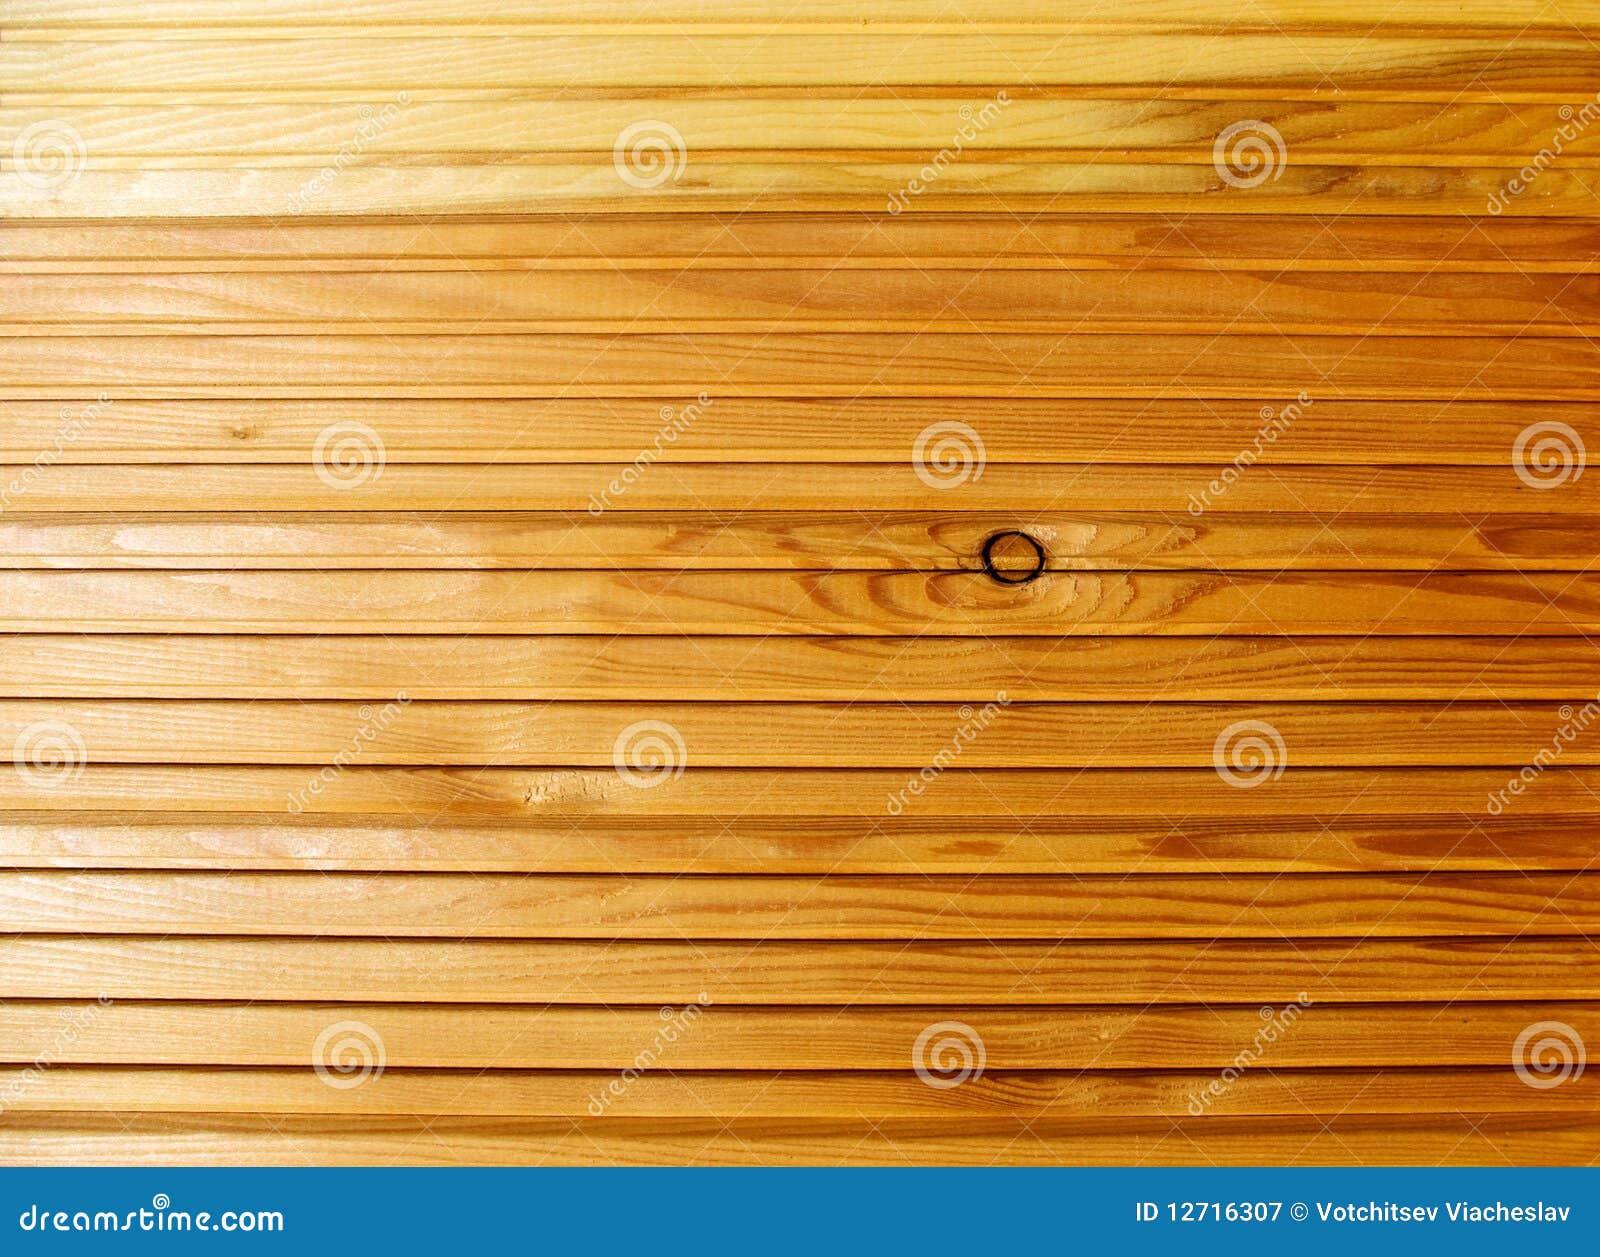 planche en bois de pin horizontale image stock image du. Black Bedroom Furniture Sets. Home Design Ideas